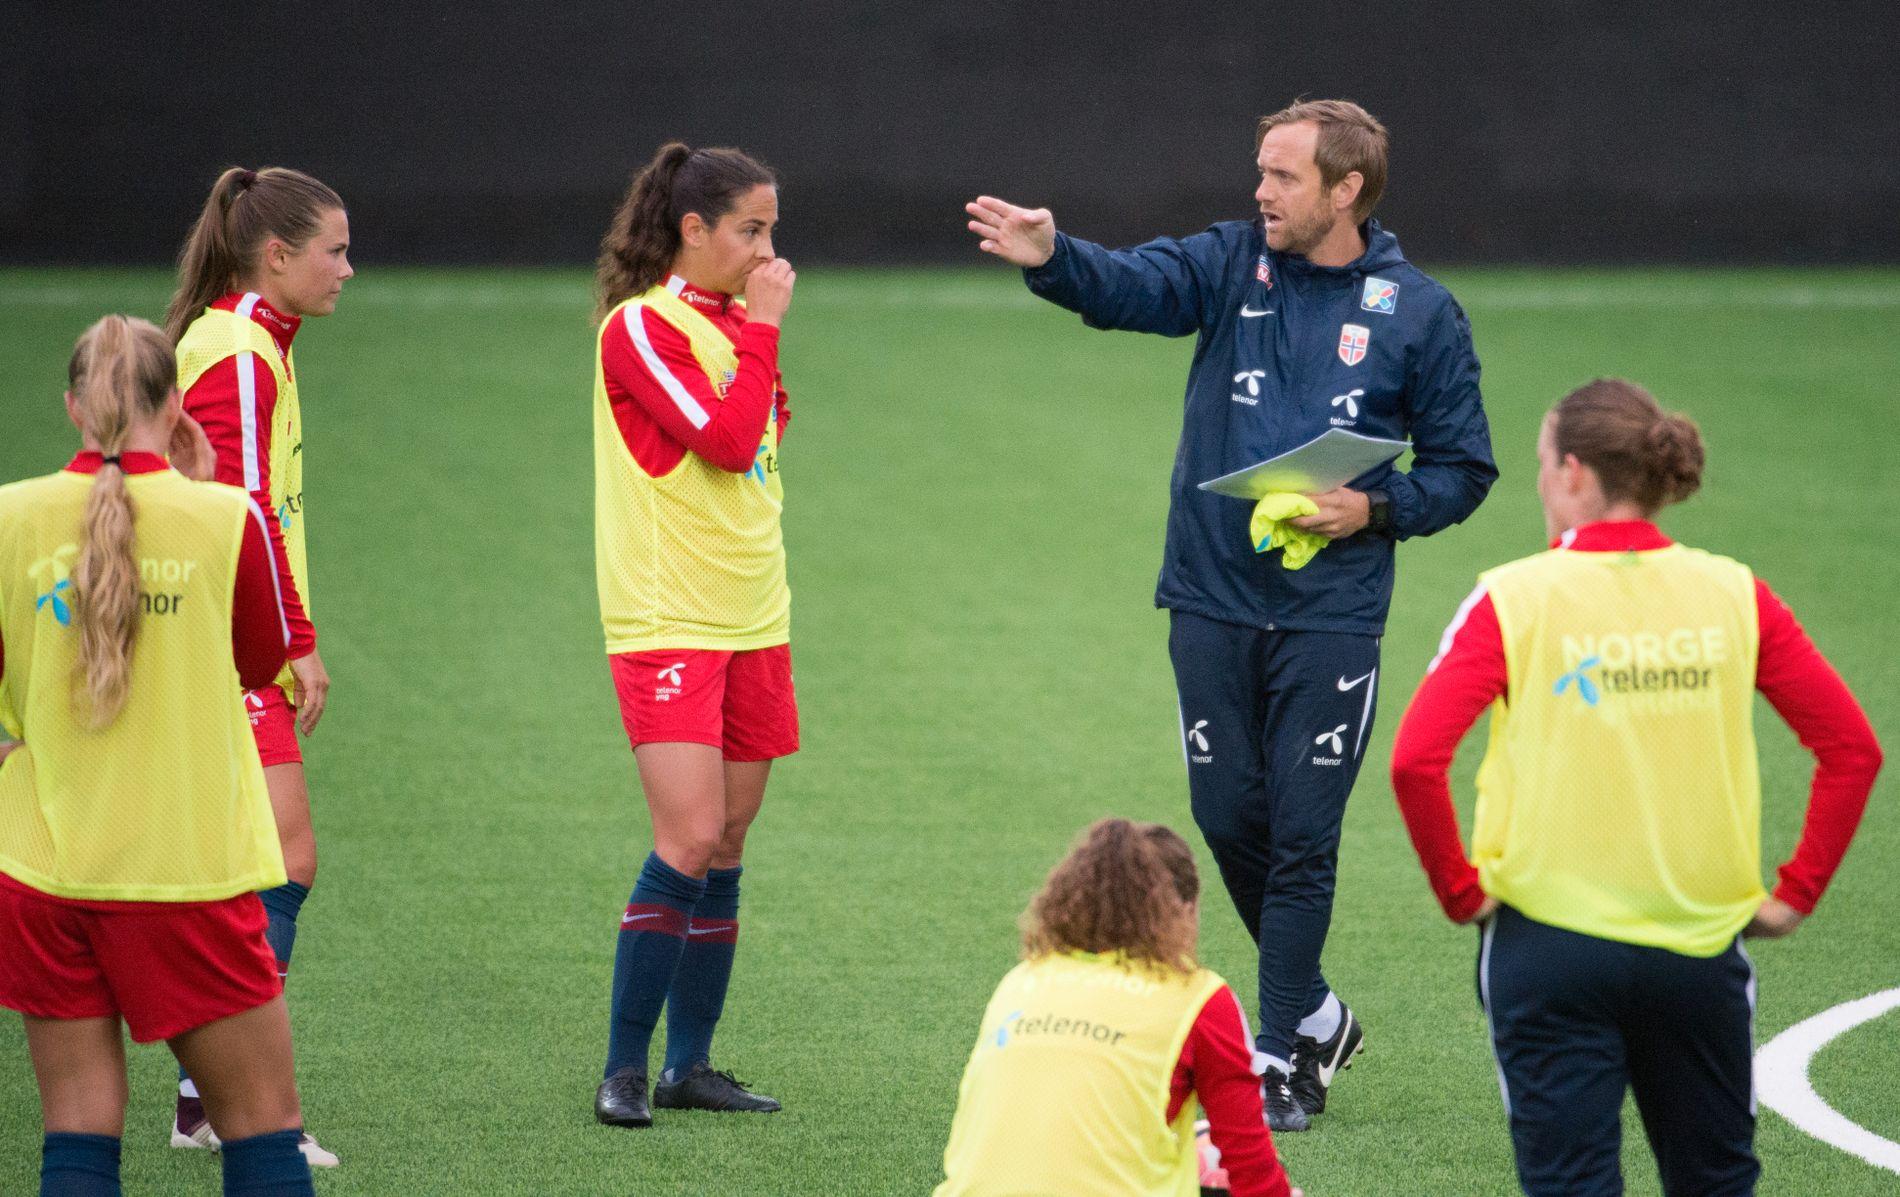 HAR EN JOBB Å GJØRE: Landslagstrener Martin Sjögren gir beskjeder til fotballkvinnene under en treningsøkt før VM-kvaliken mot Irland.